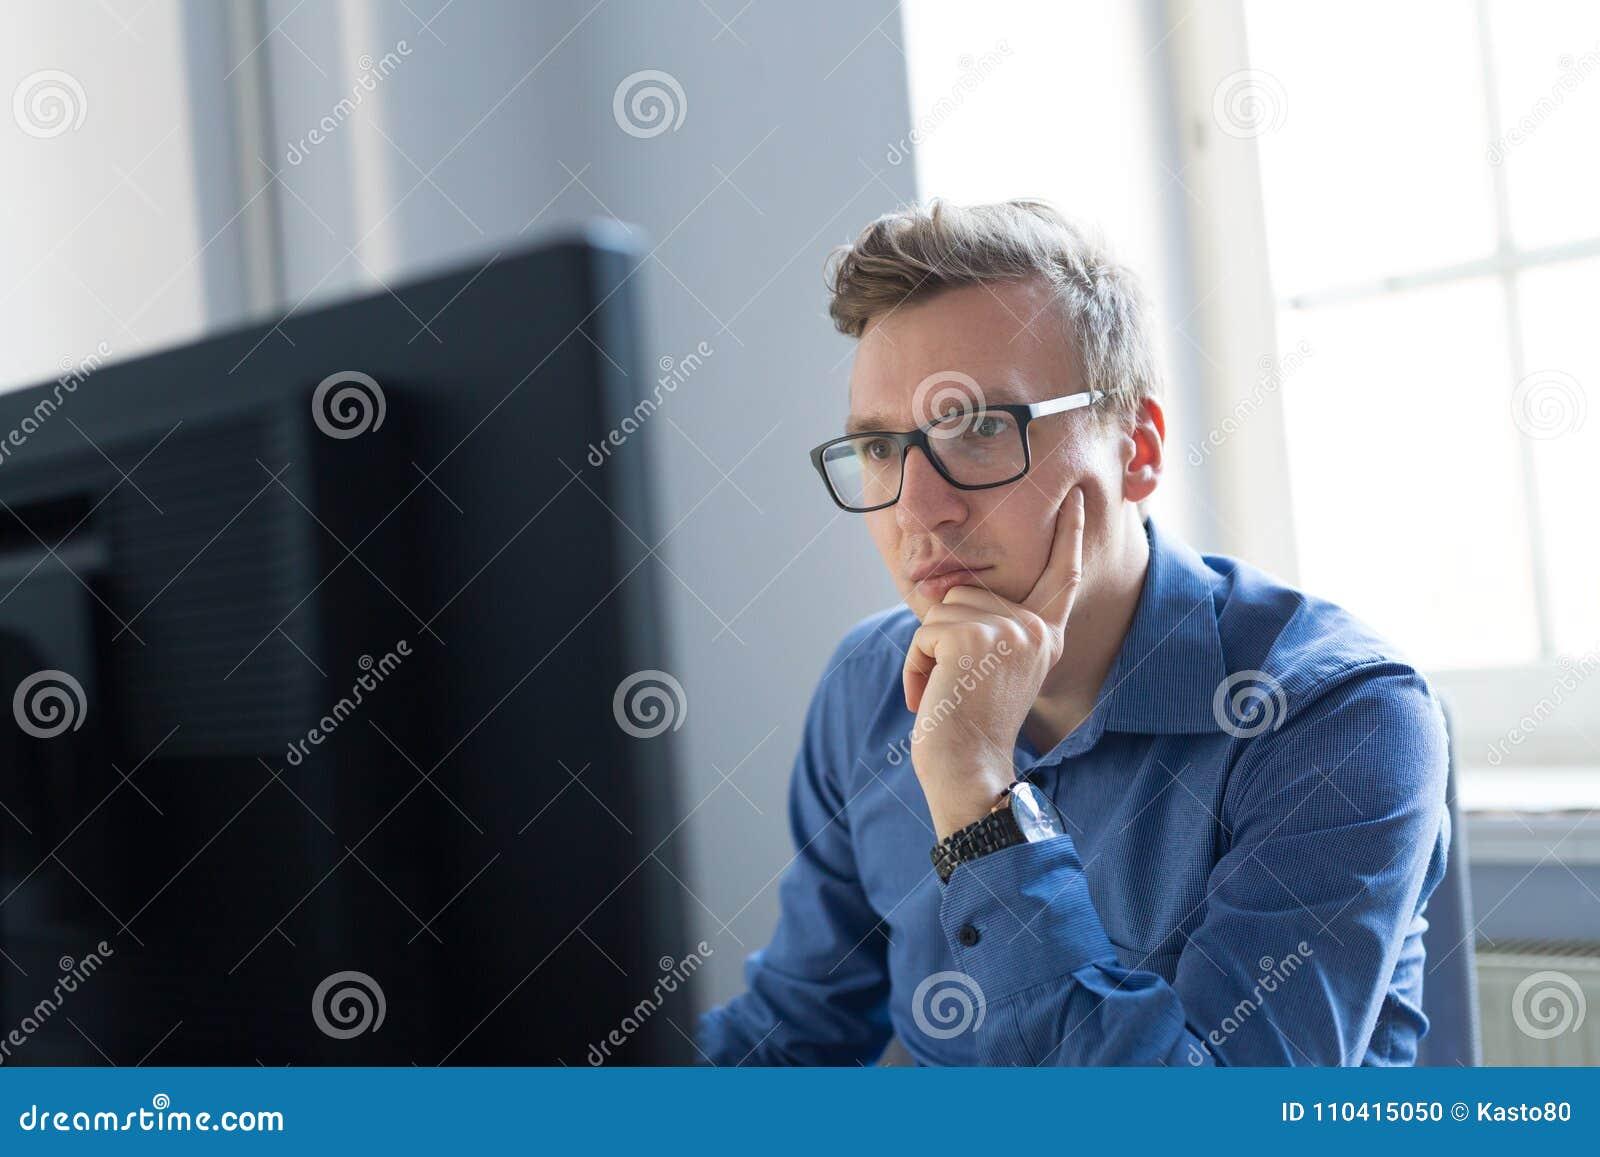 Hombre de negocios ocasional que trabaja en oficina, sentándose en el escritorio, pulsando en el teclado, mirando la pantalla de